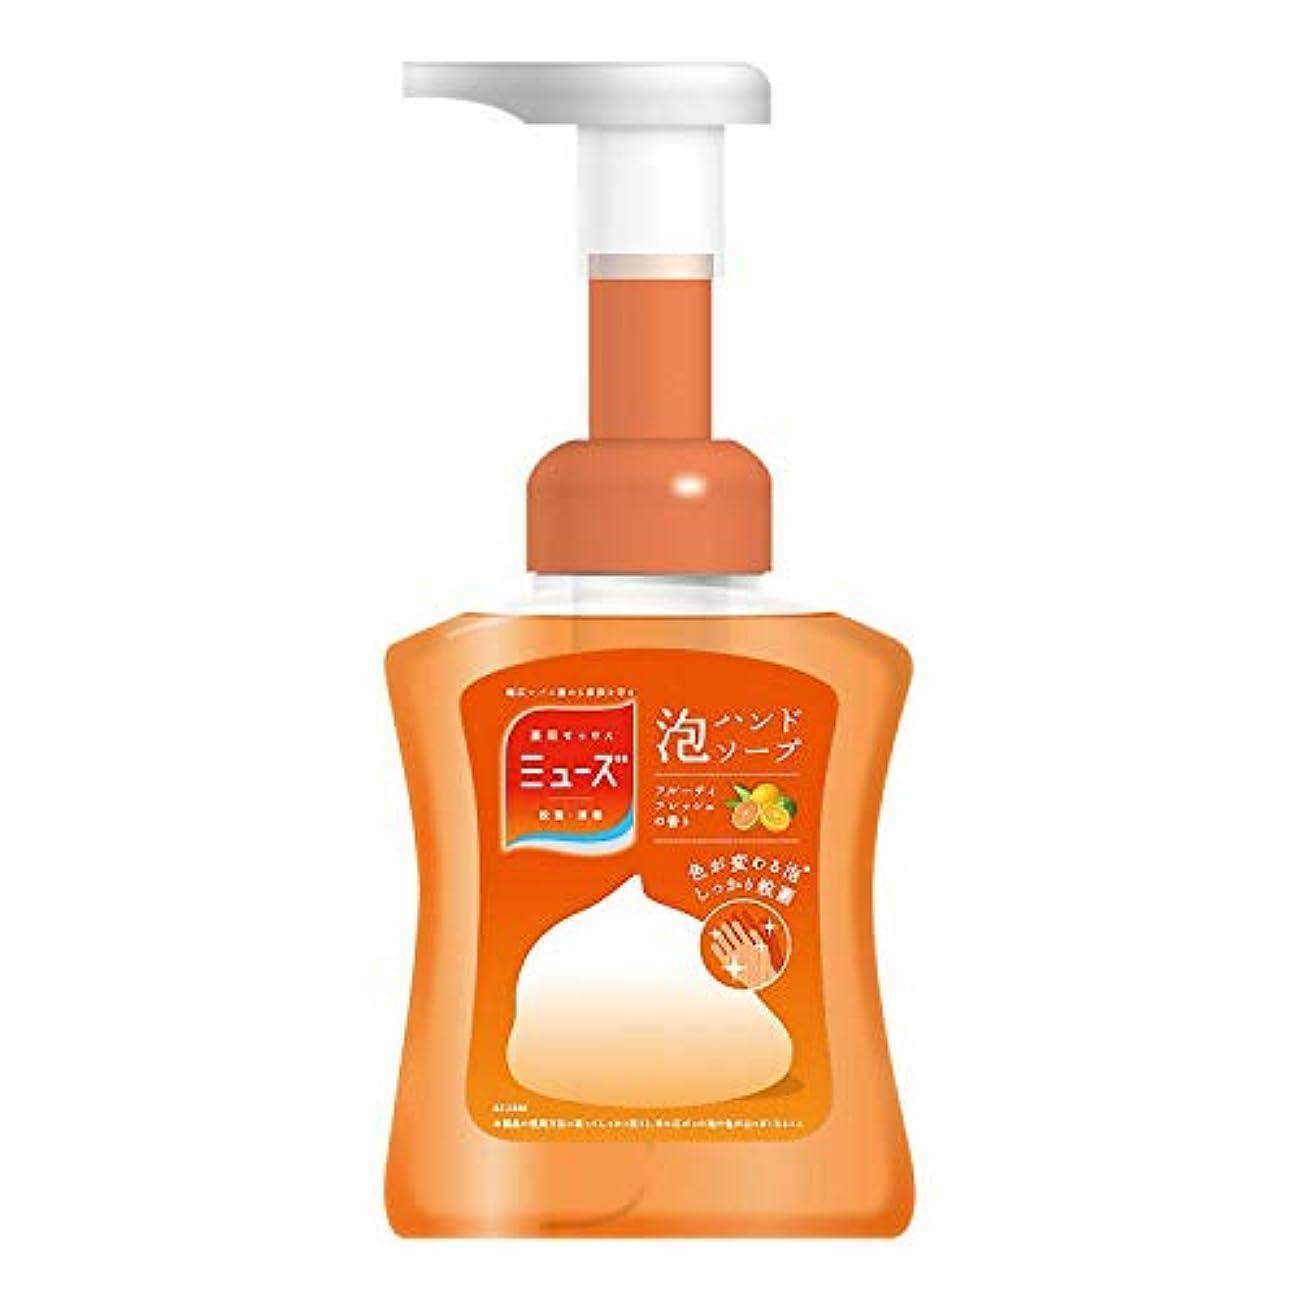 謝るピアース該当する【医薬部外品】ミューズ 泡 ハンドソープ フルーティフレッシュの香り 色が変わる泡 本体ボトル 250ml 殺菌 消毒 手洗い 保湿成分配合